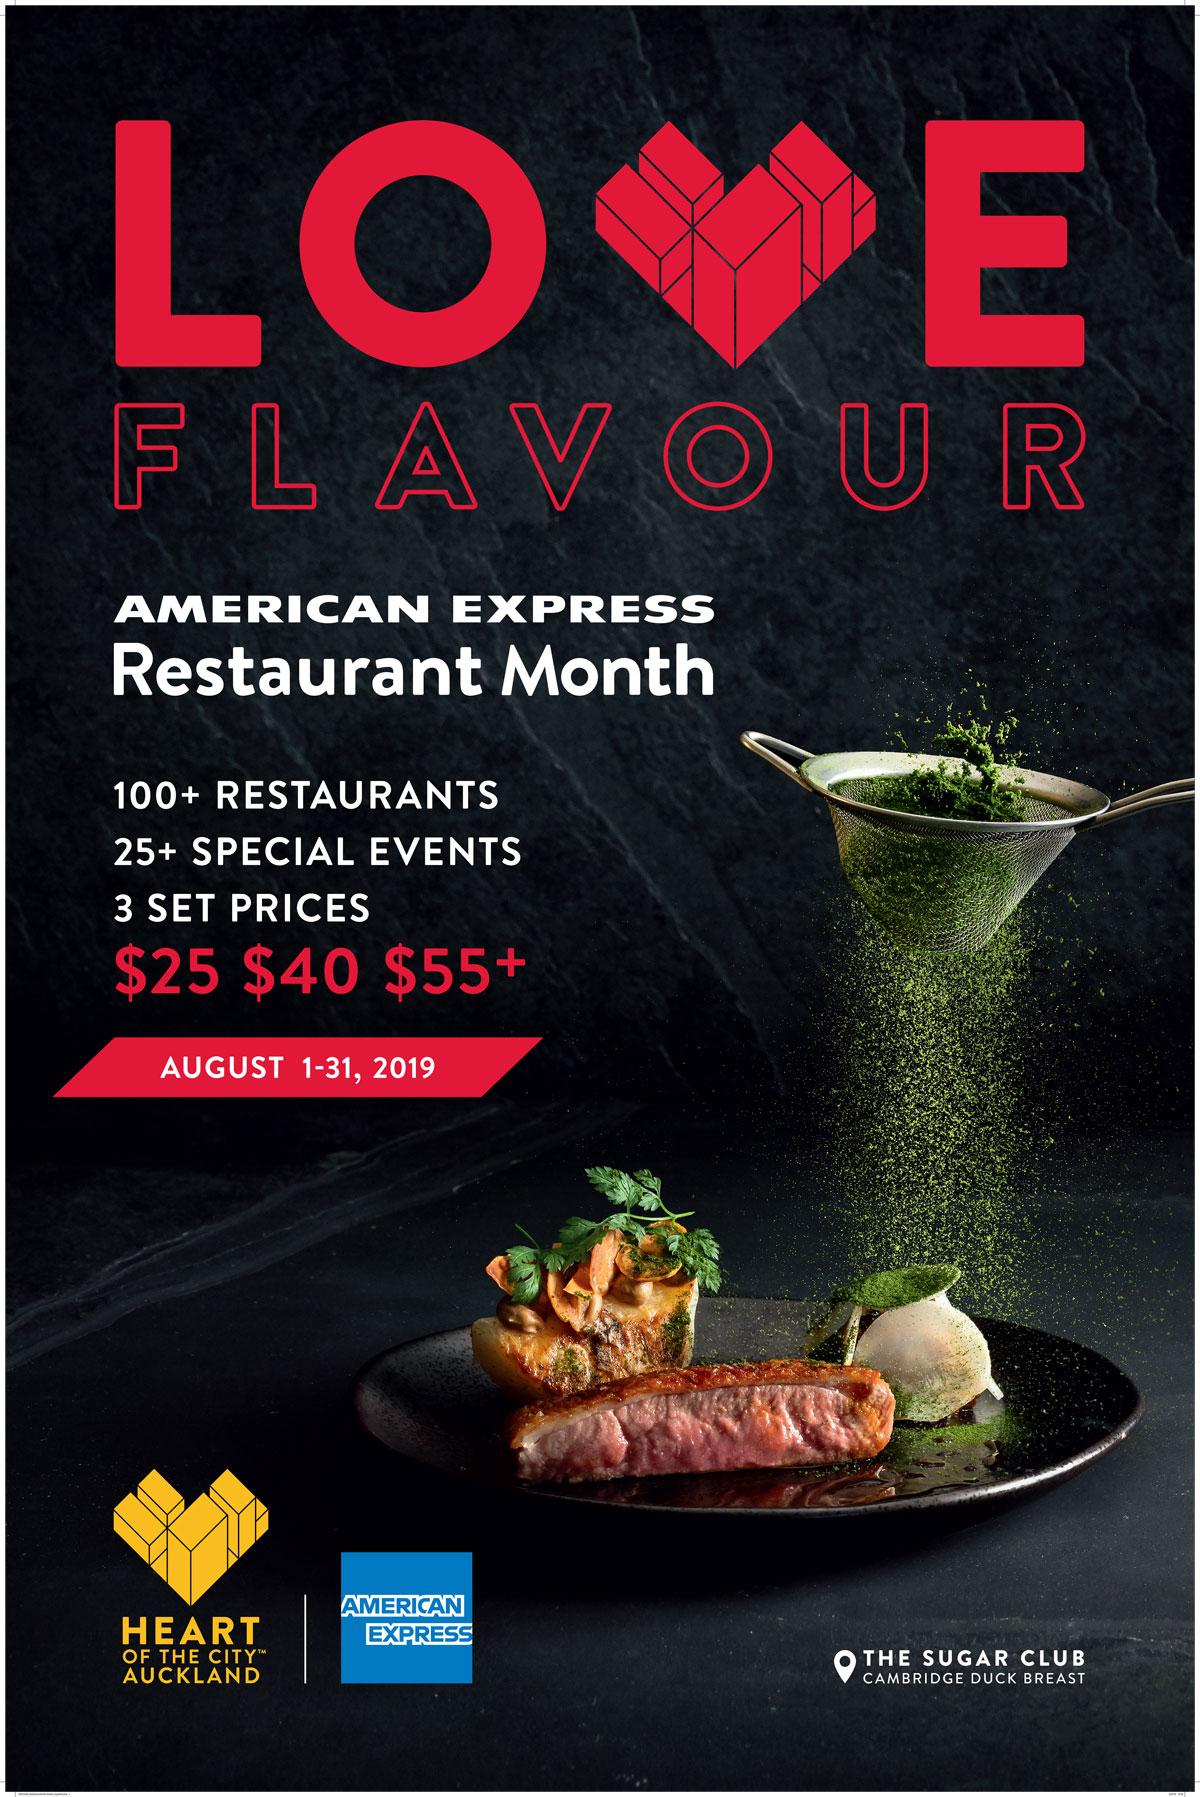 HOC1596_Restaurant-Month-Adshel_Superlite_HR.jpg